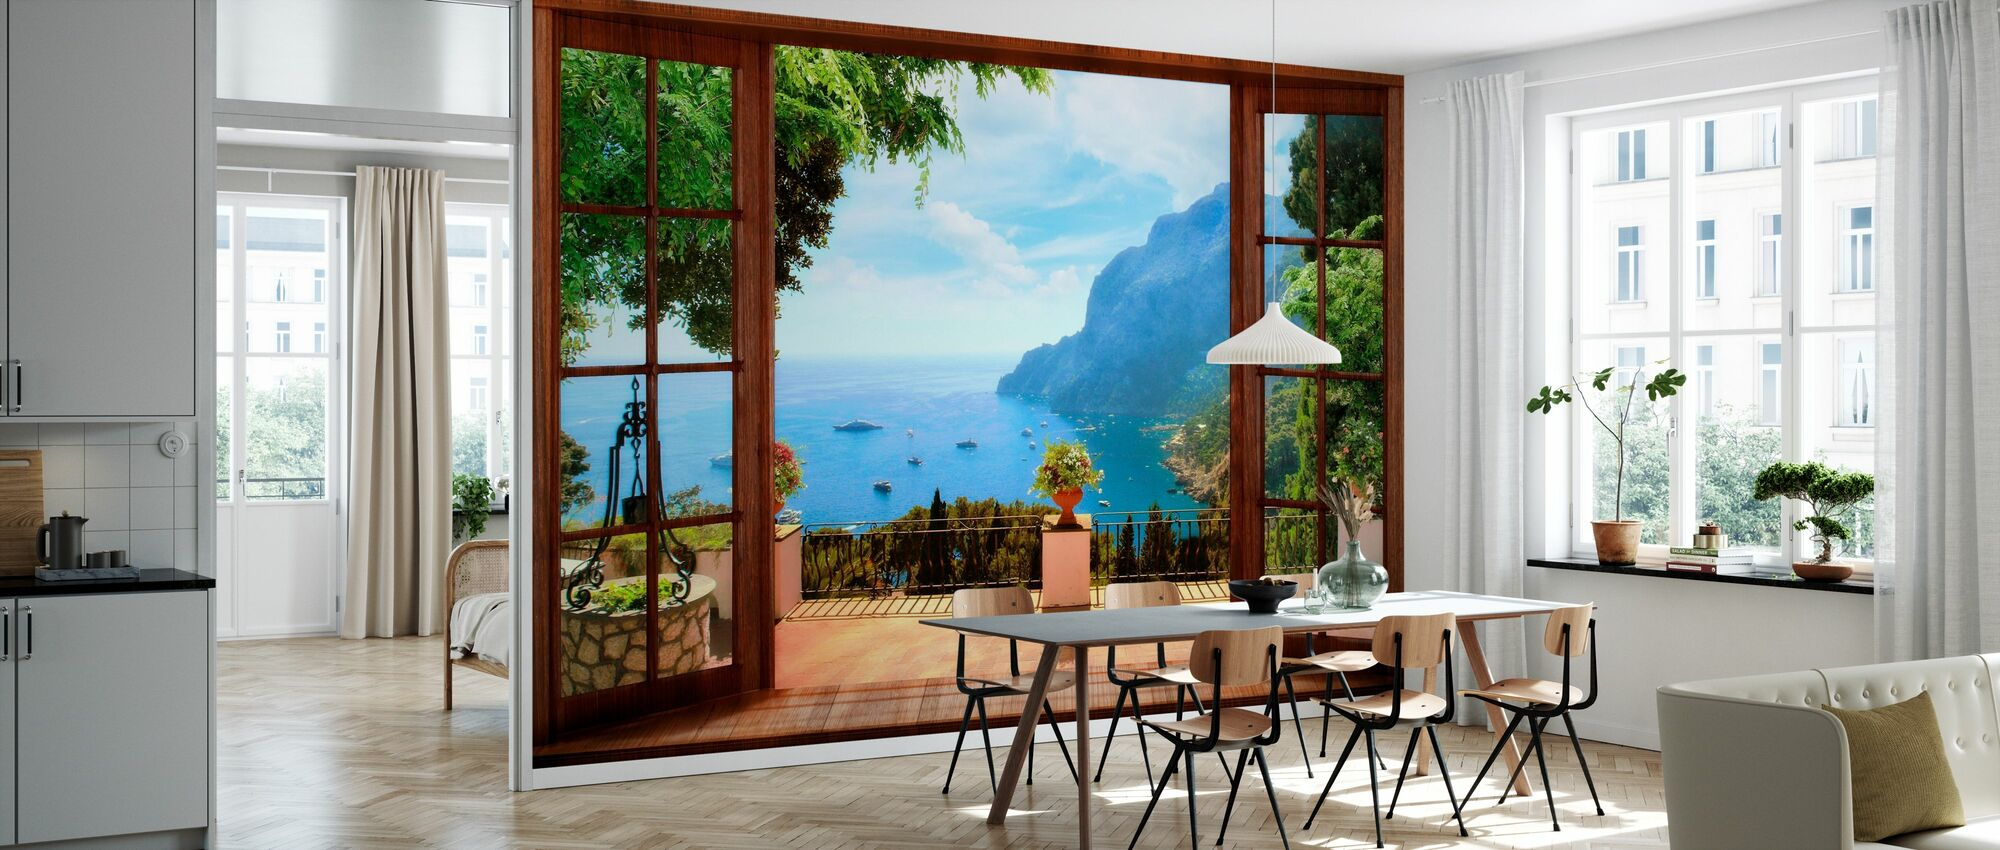 Terrace View - Wallpaper - Kitchen